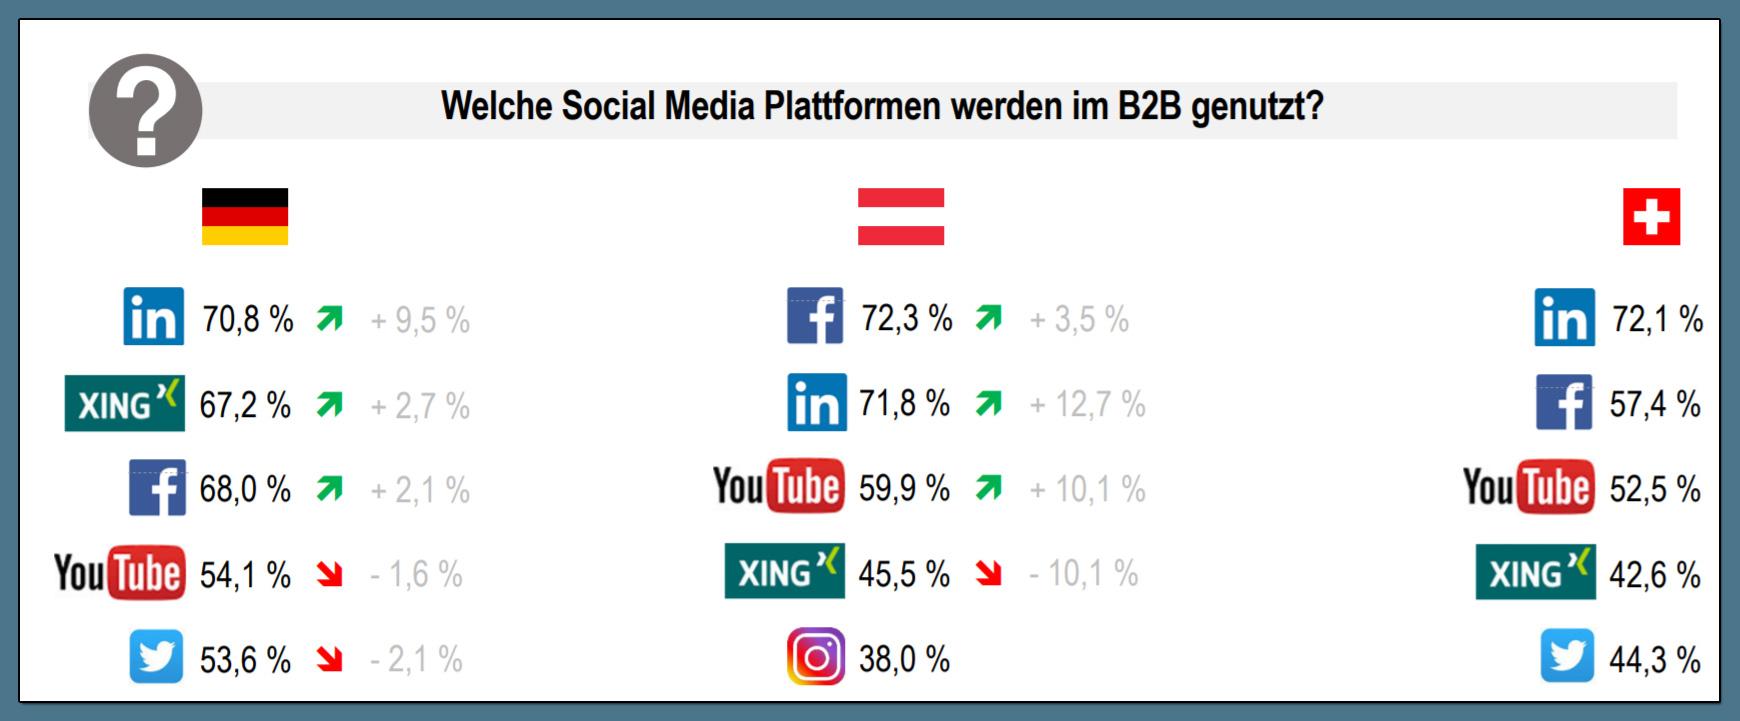 Welche B2B Social Media Plattformen werden genutzt?